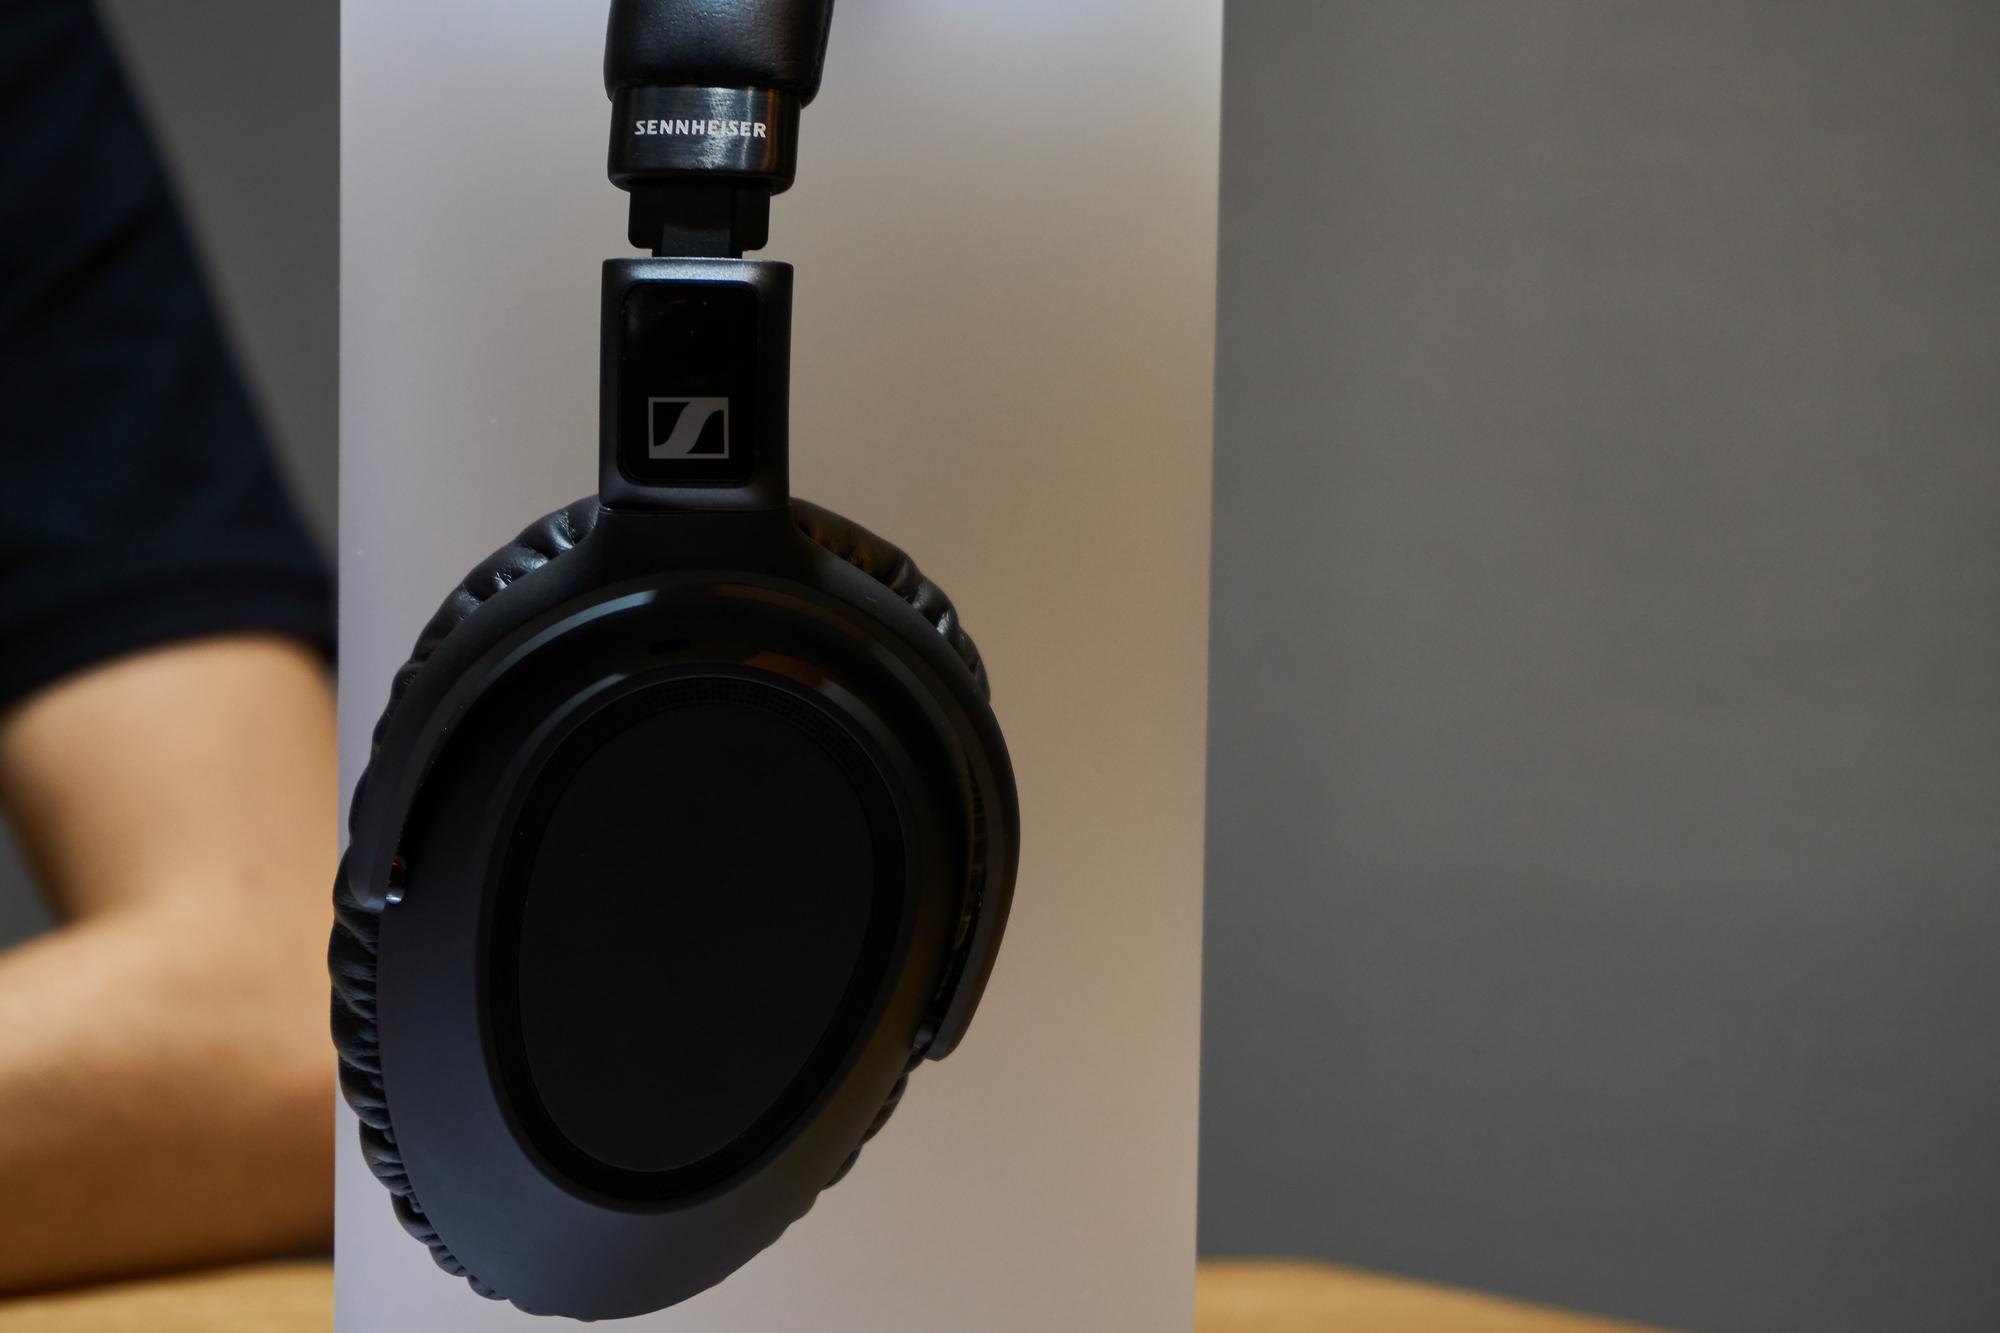 Sennheiser PXC 550-II, czyli jak odświeżyć słuchawki, zachowując stare standardy 17